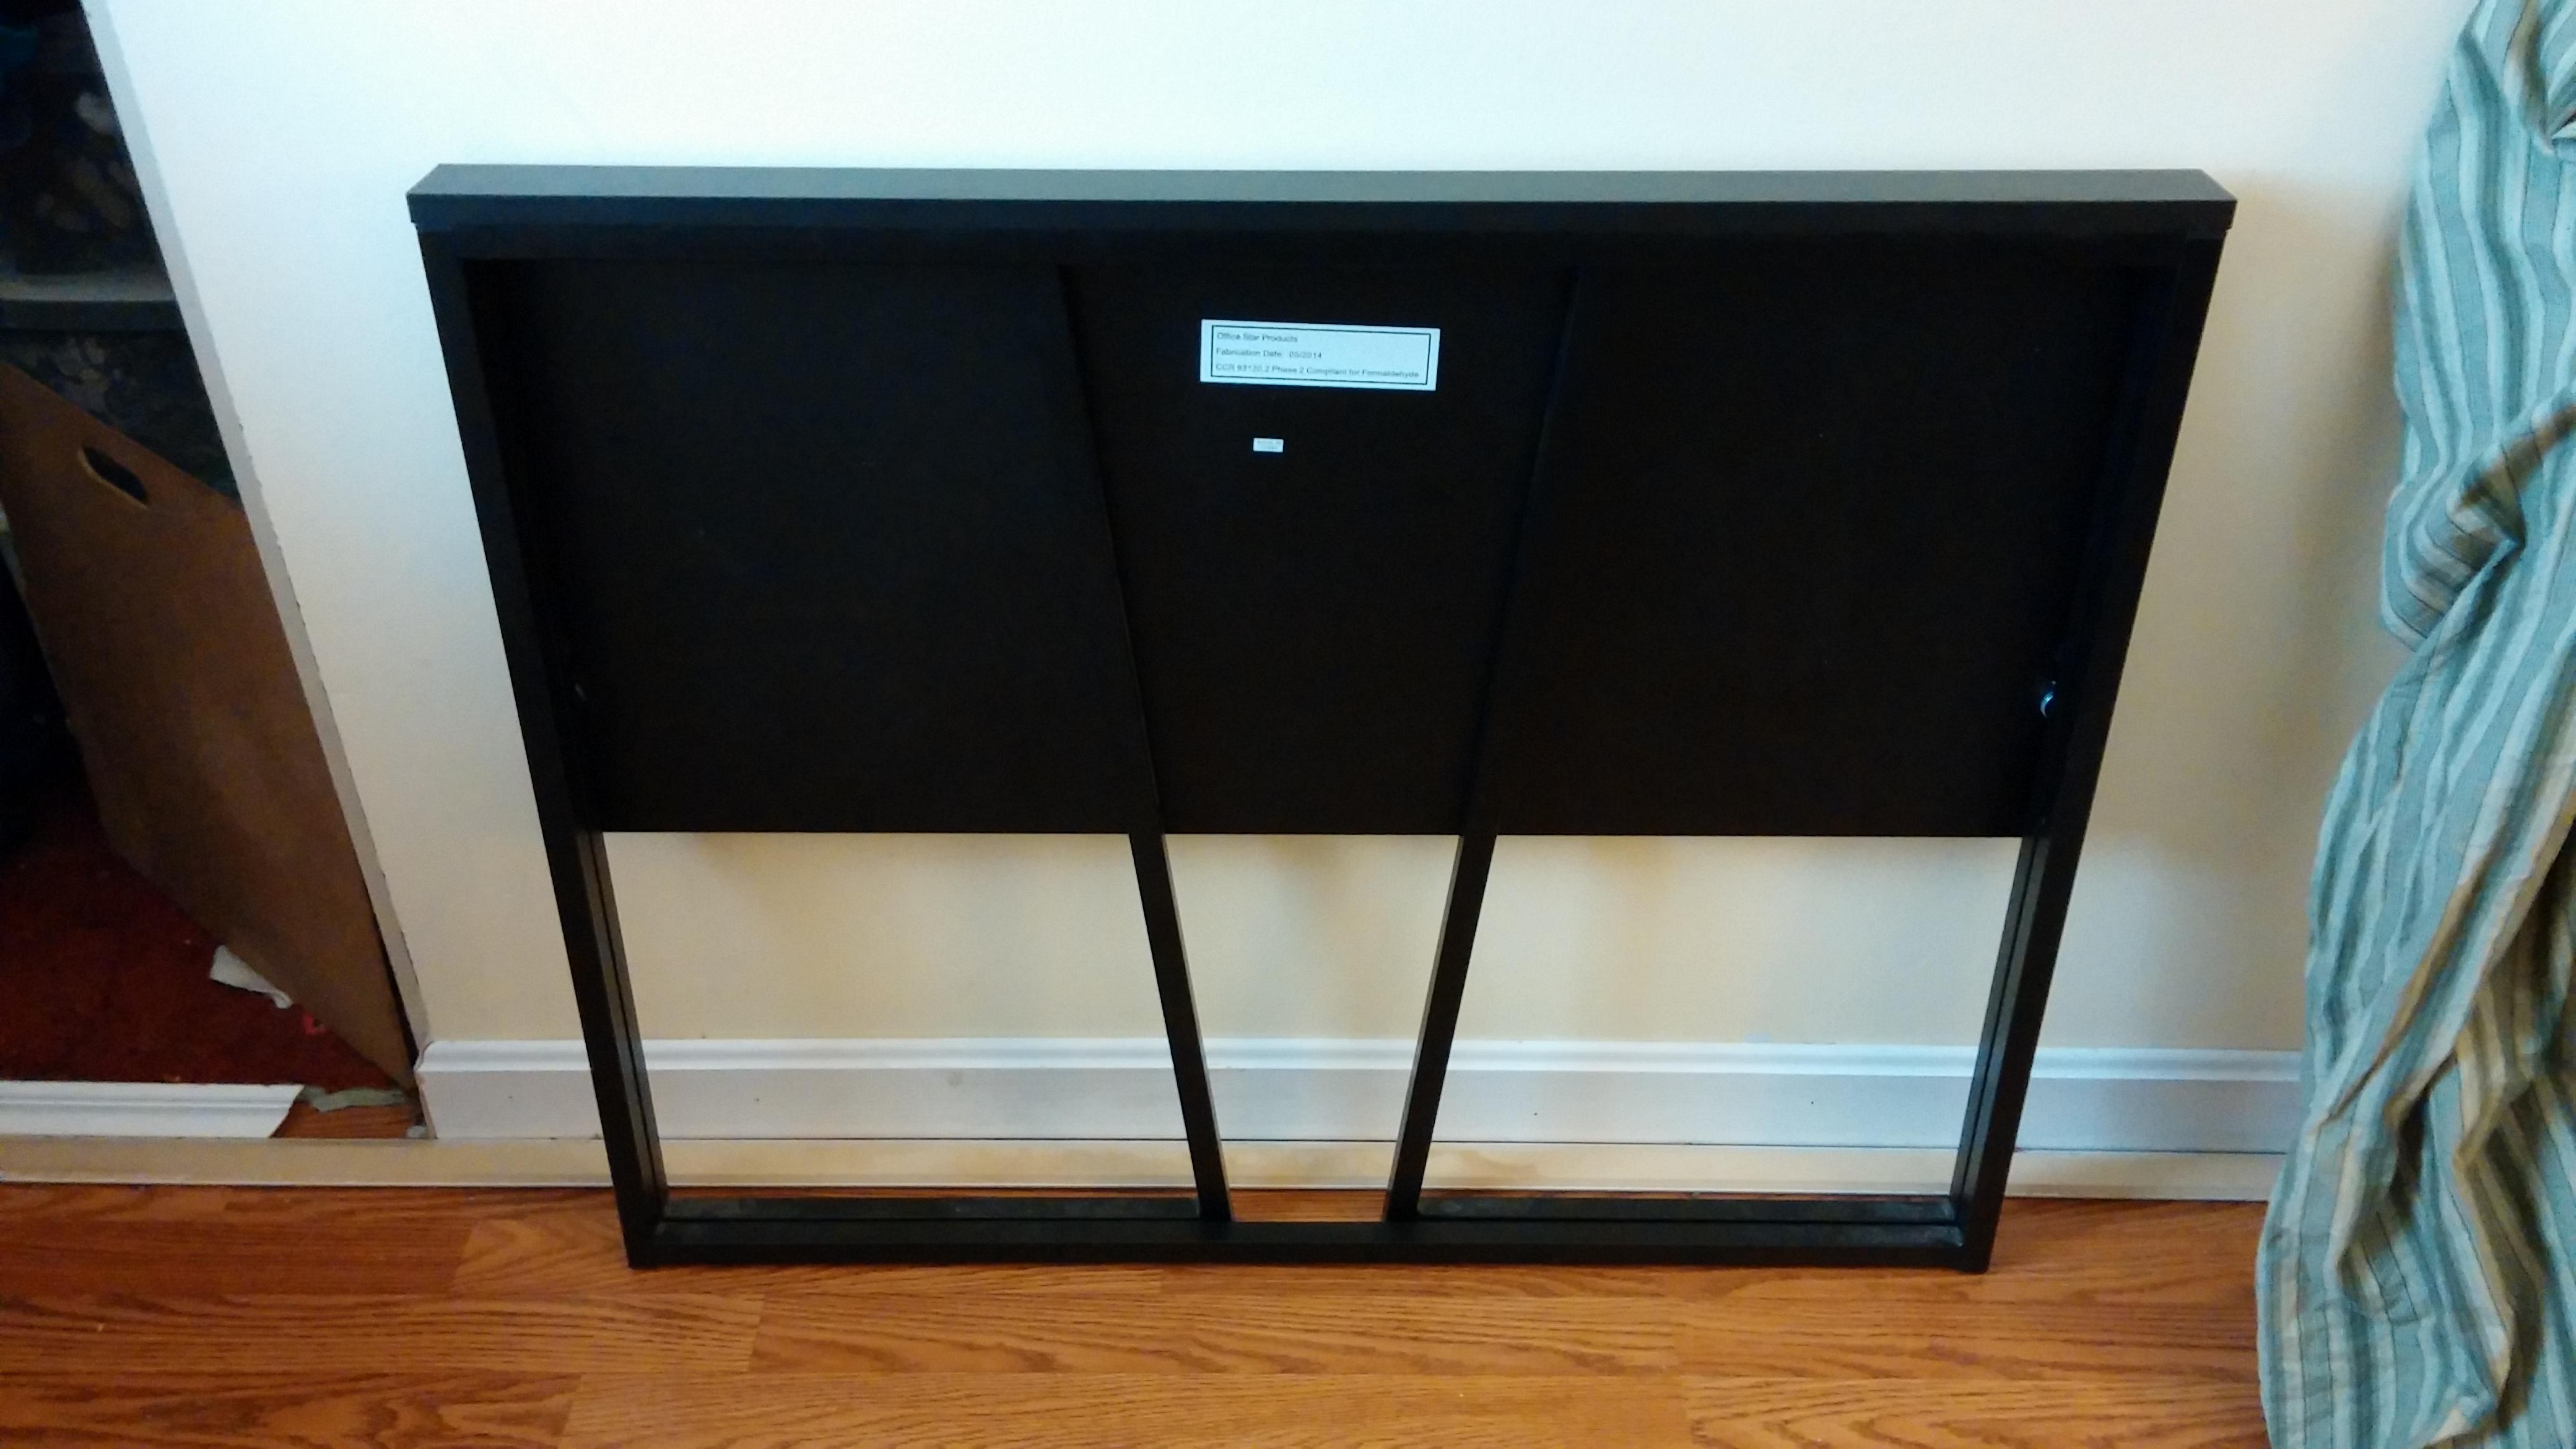 cheap folding desk for sale colin tedford. Black Bedroom Furniture Sets. Home Design Ideas